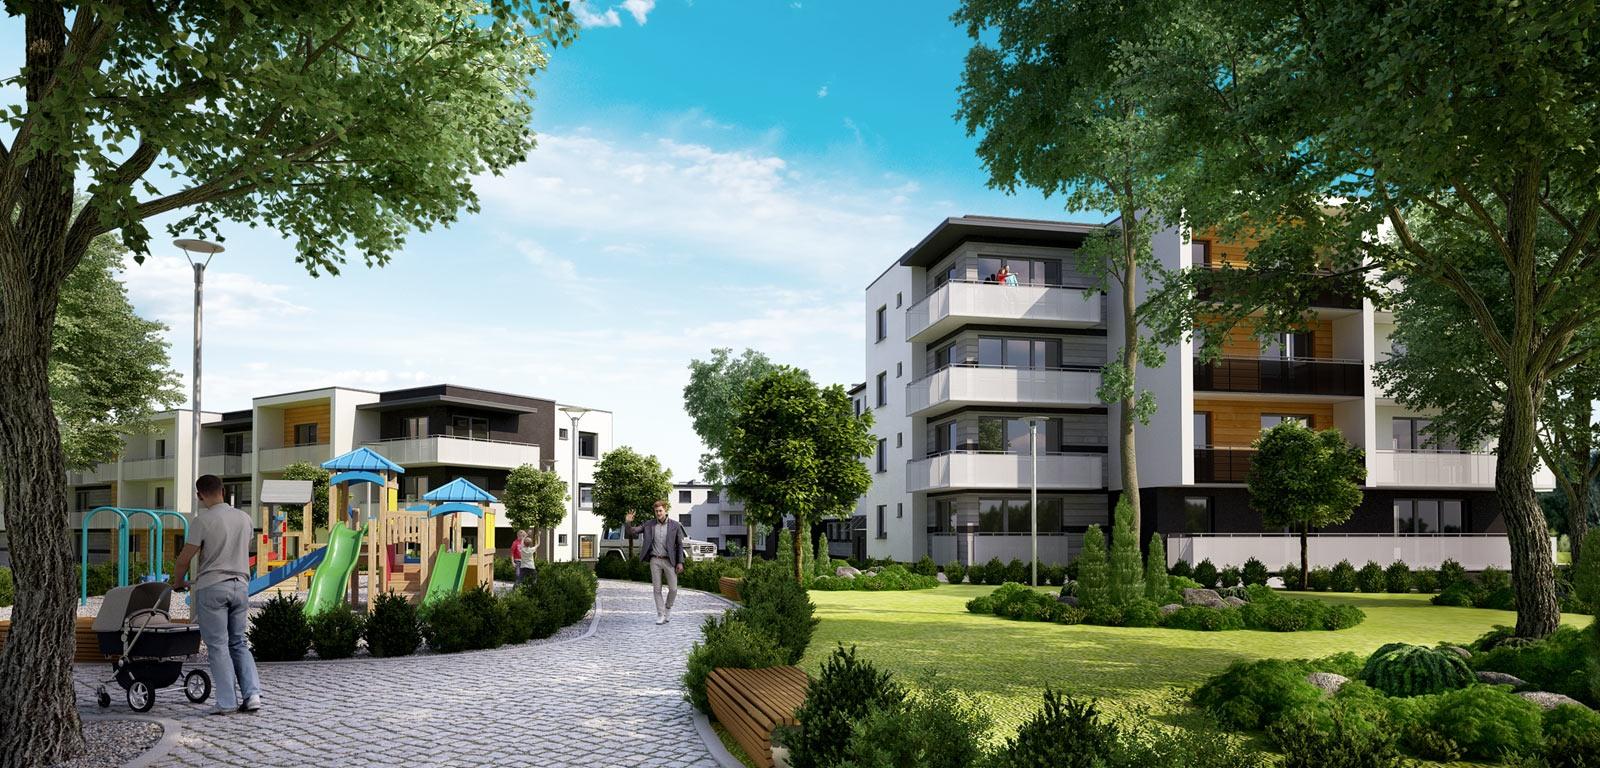 Nowe-mieszkania-Poznan-2